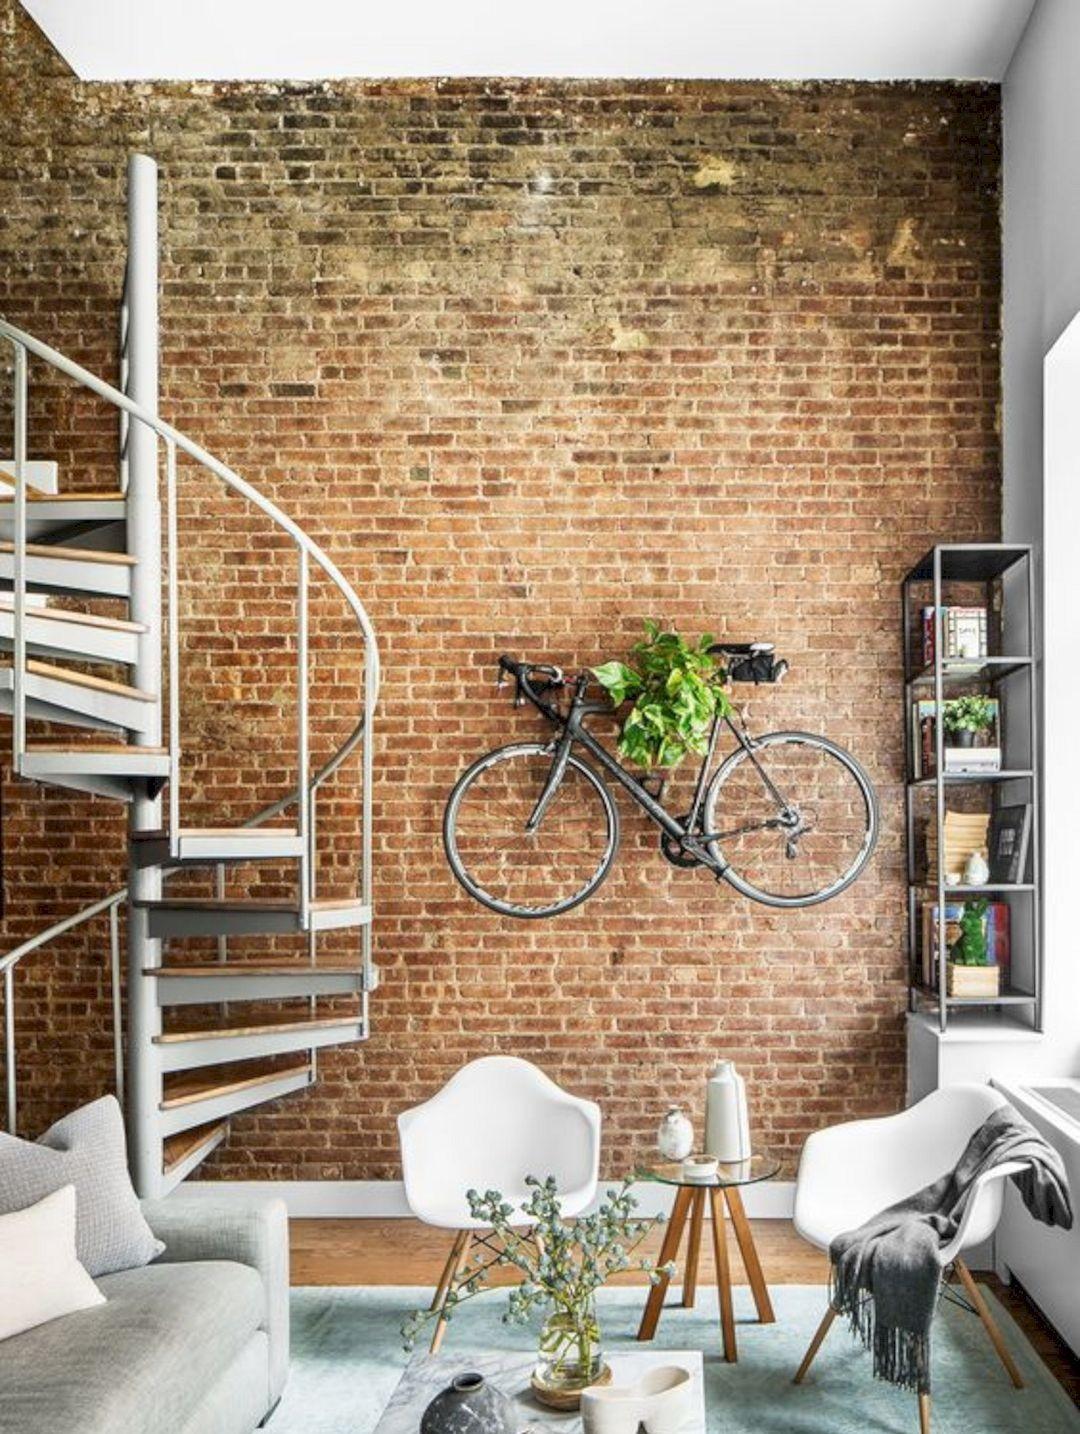 Salon z cegłą i rowerem na ścianie